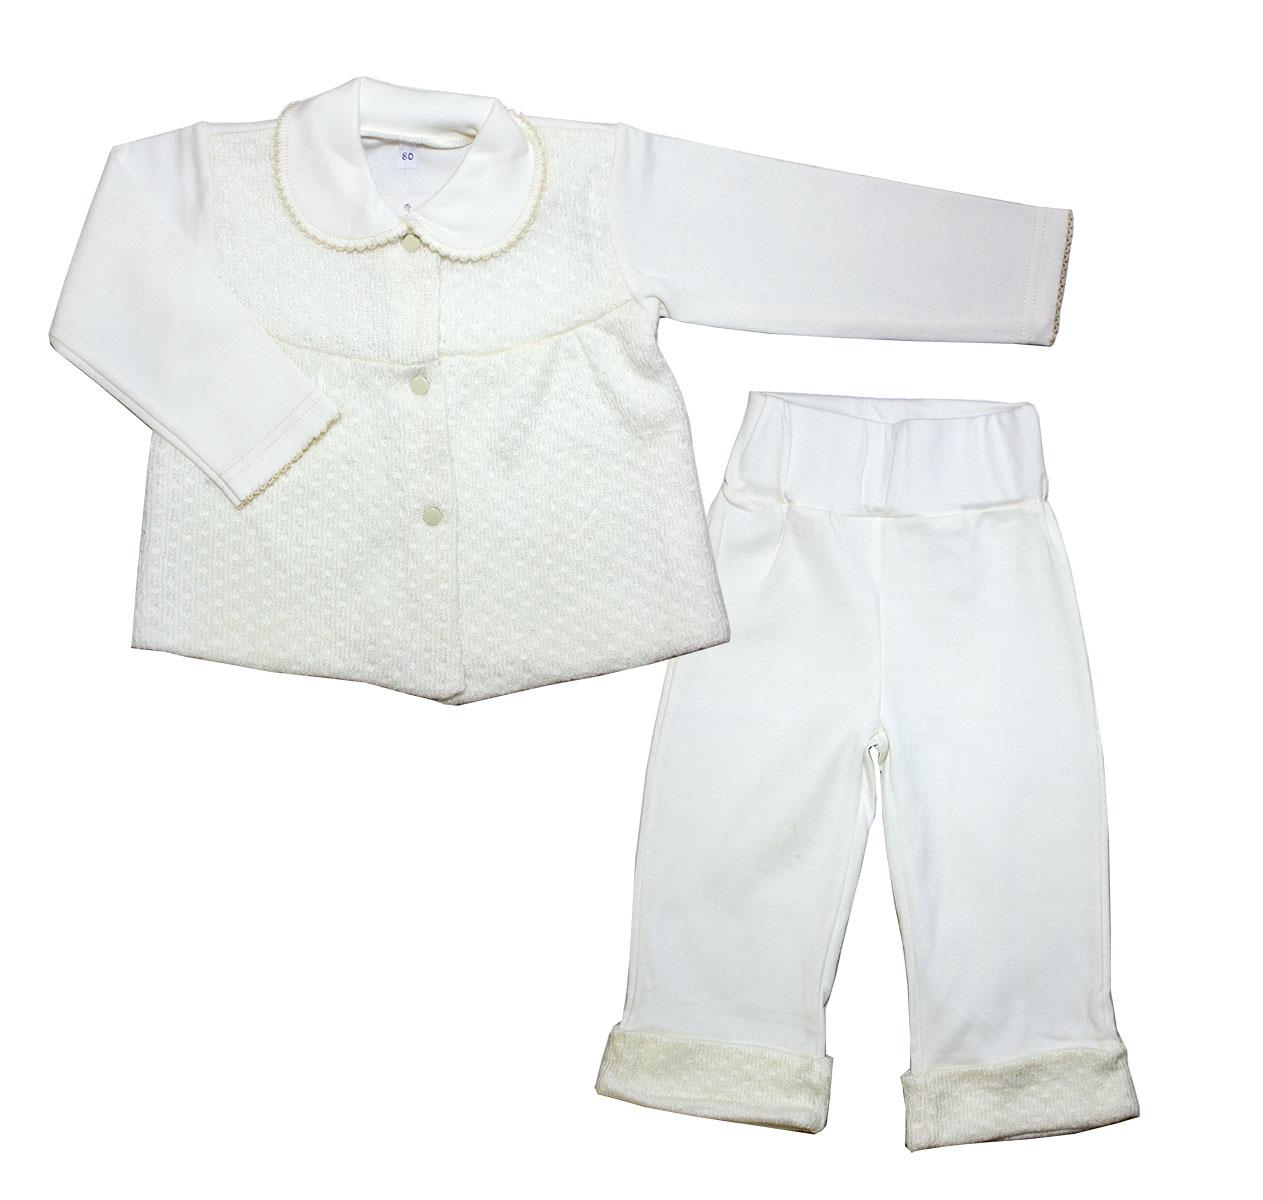 Комплект одежды Осьминожка для девочки бежевый р.68